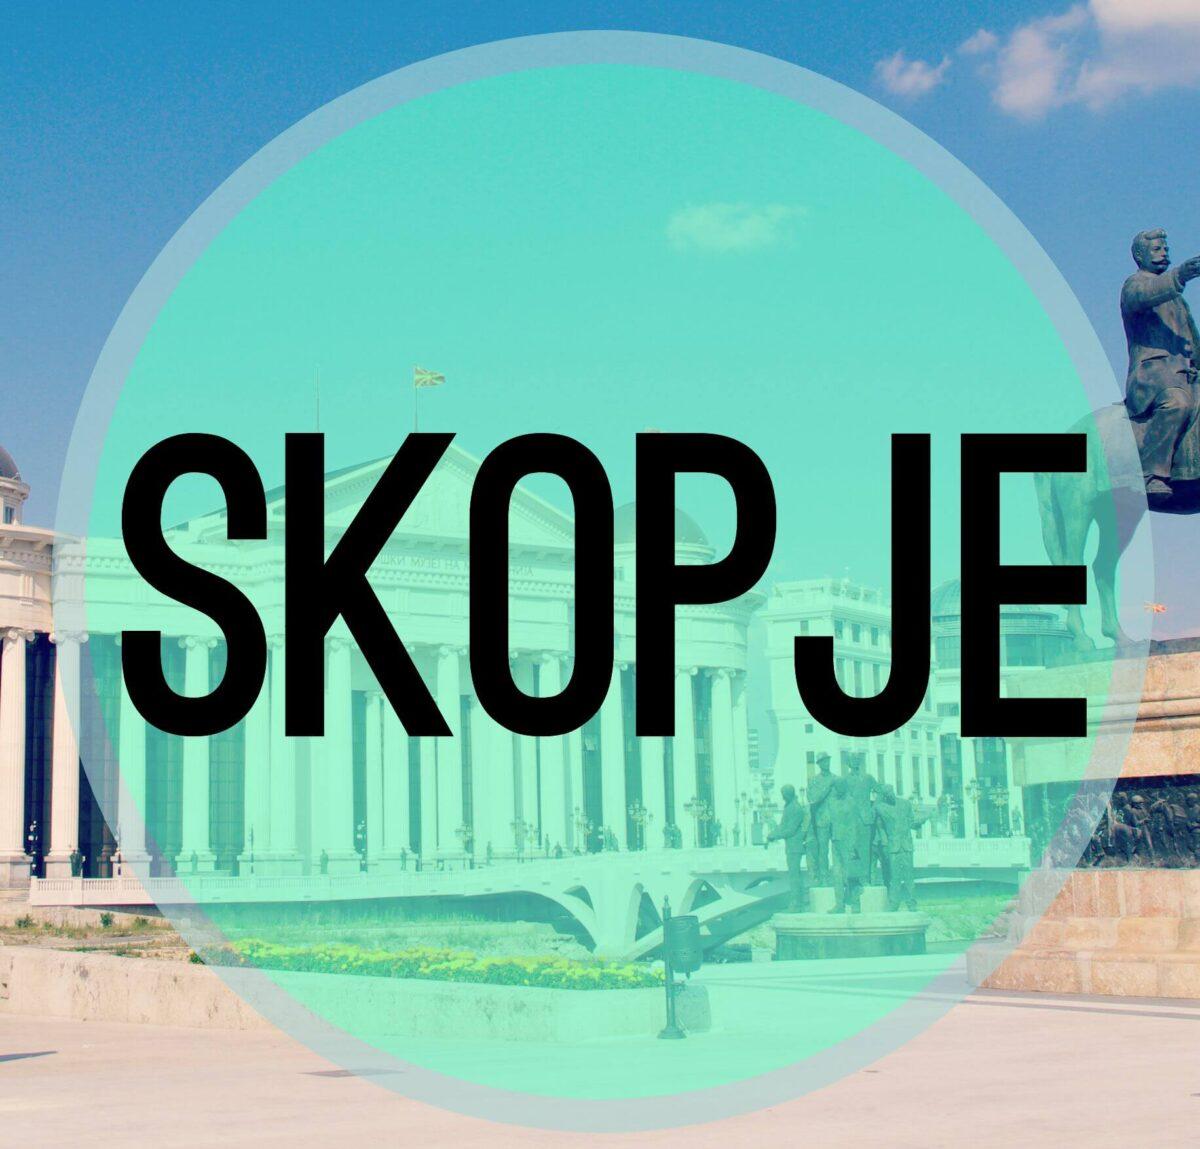 InterRailing | Skopje